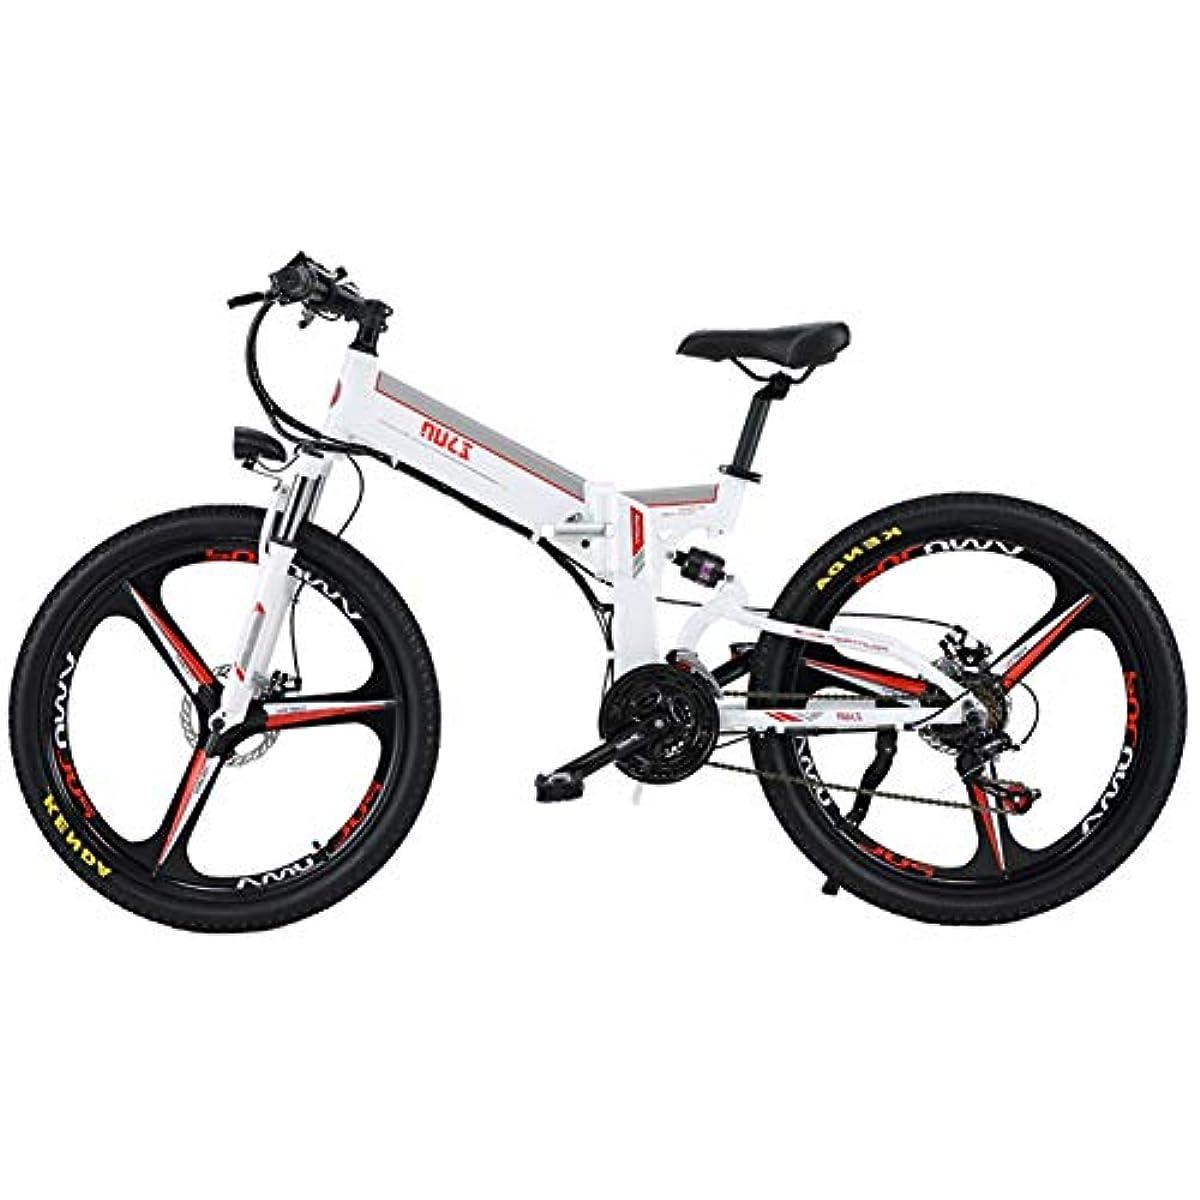 フック宴会ディスパッチ折りたたみ電動自転車、デュアルディスクブレーキ付き26インチ電動自転車、48V / 12Ah取り外し可能なリチウムイオンバッテリー、350Wブラシレスギアモーター、大人に適した電動自転車